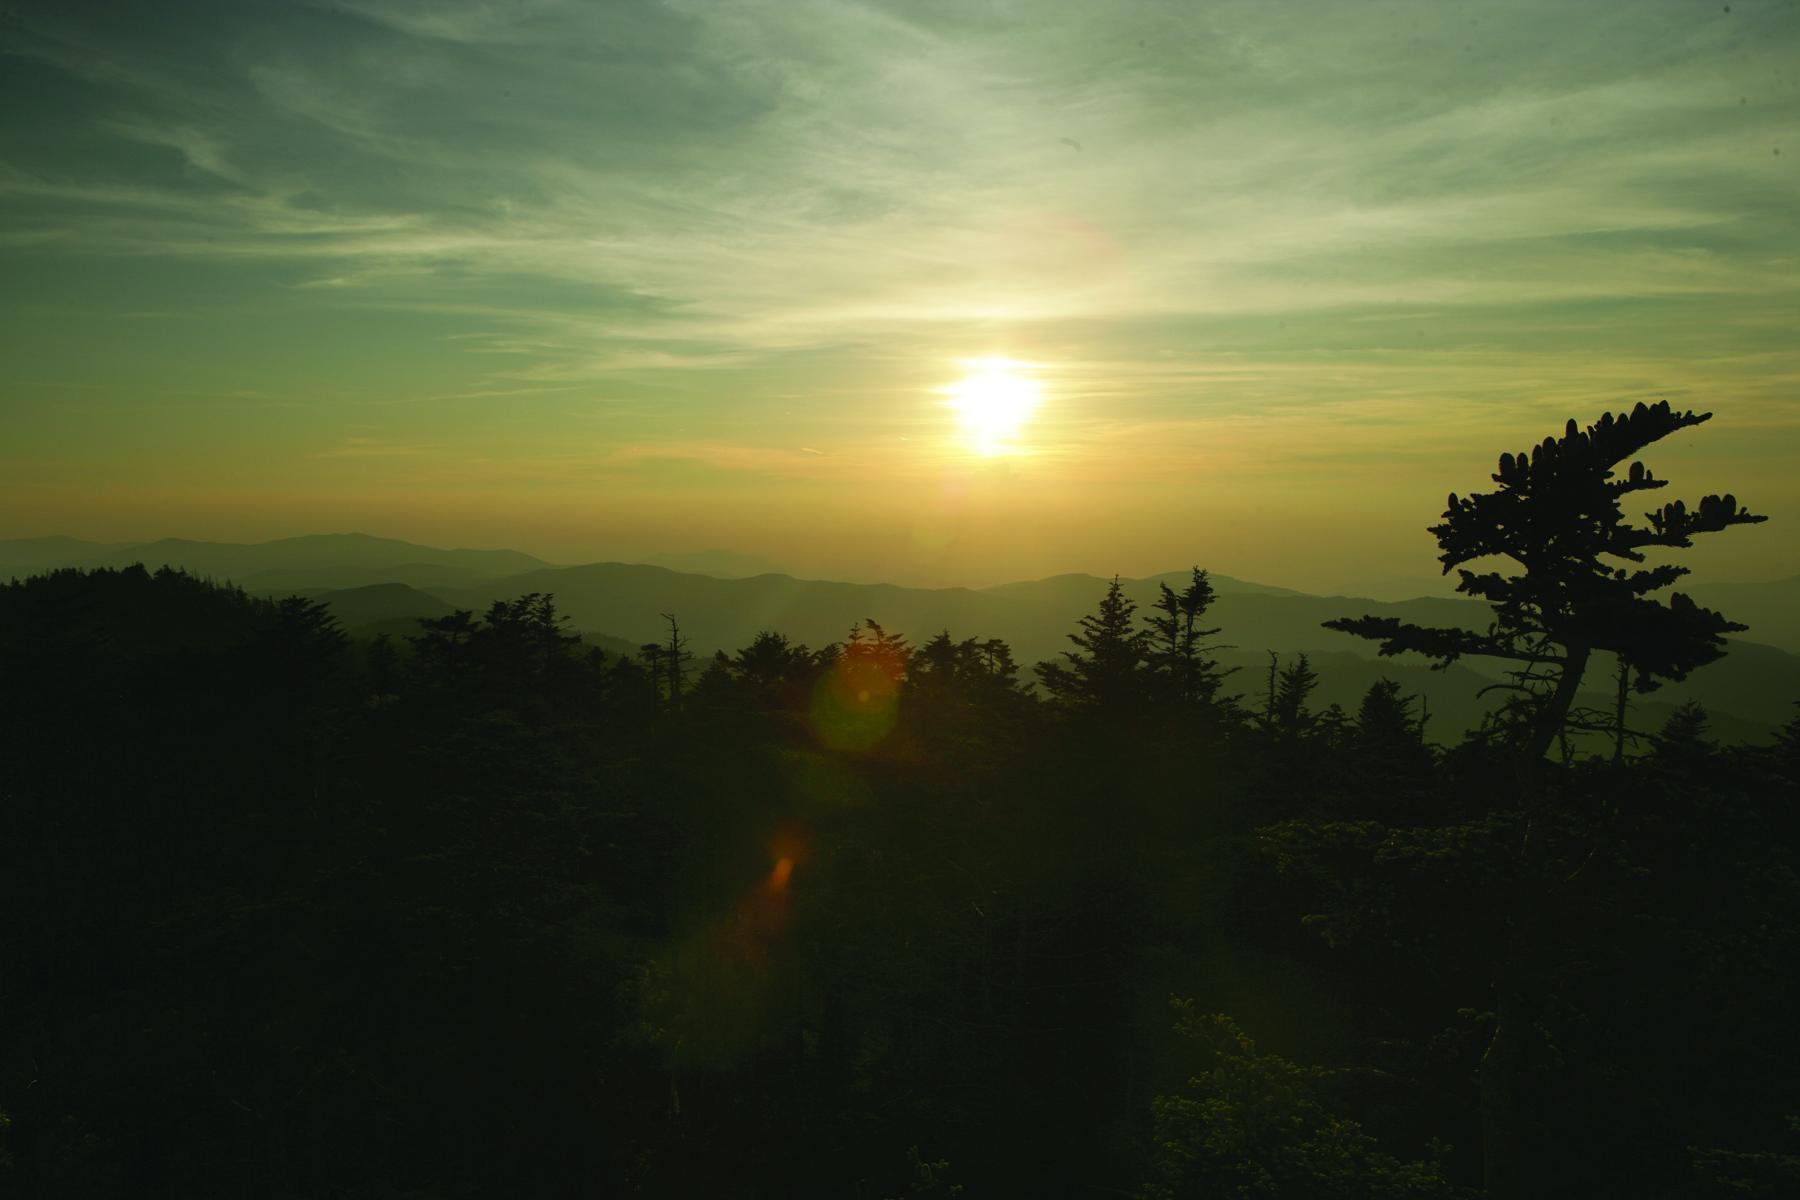 2013-04-08-SunsetClingmansDomeJRV.jpg